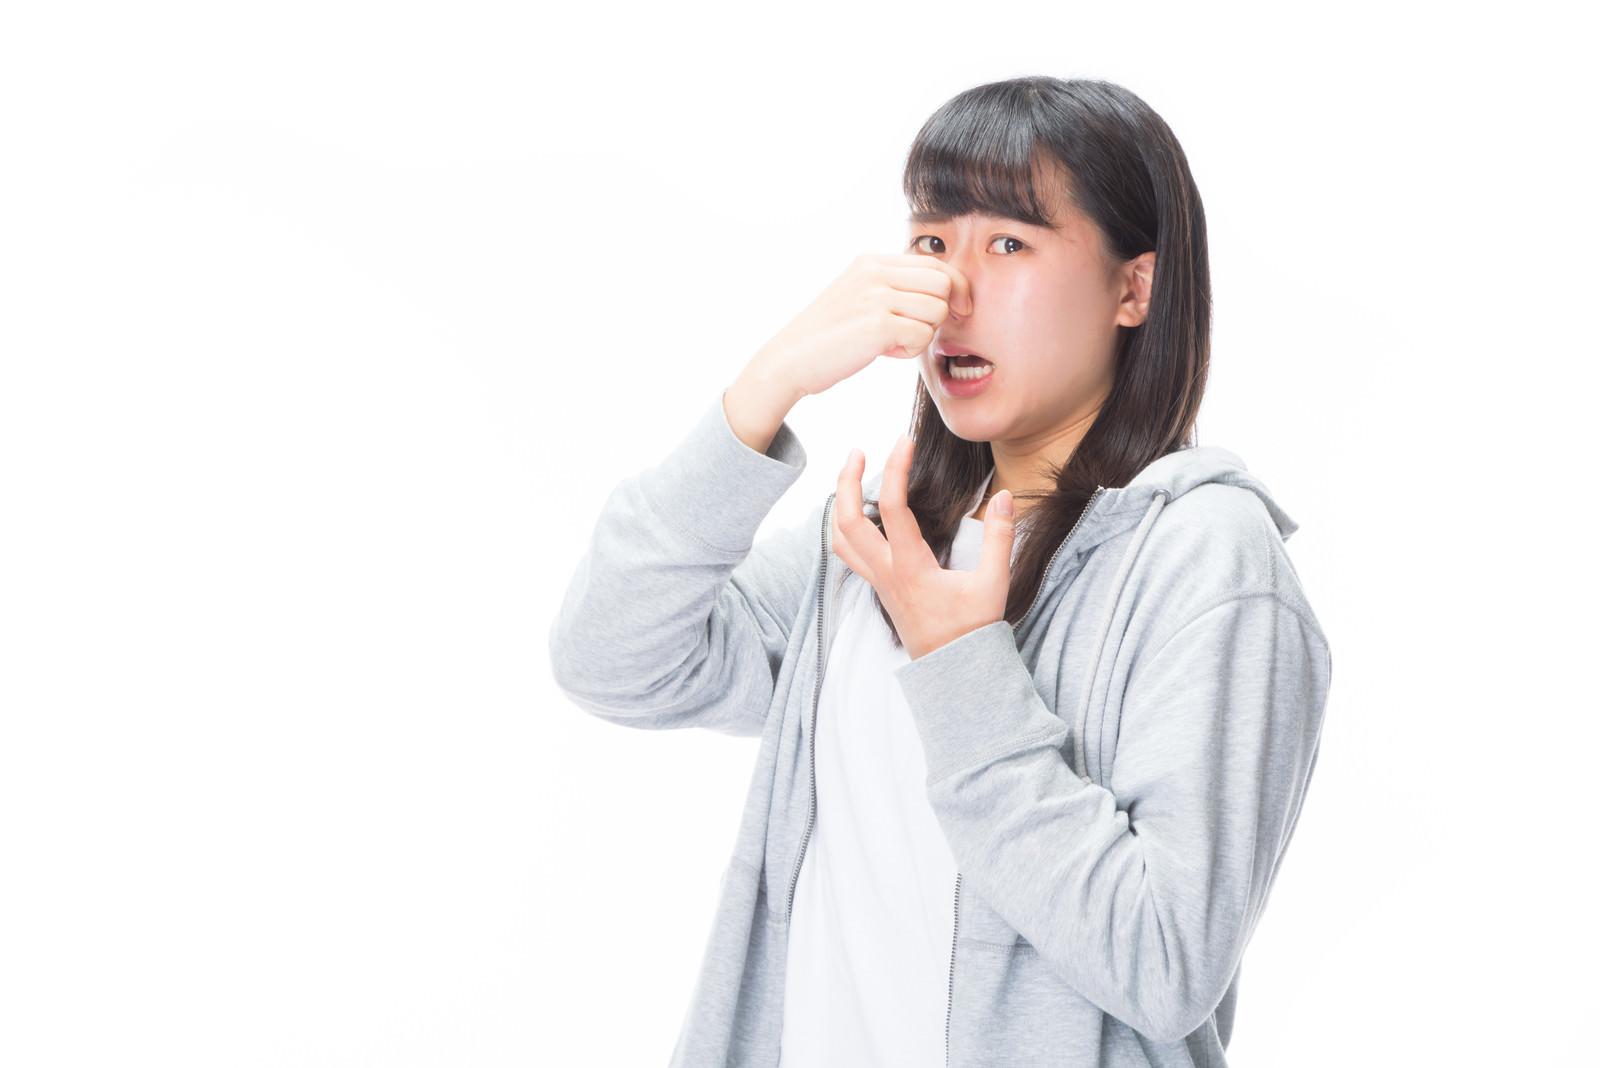 「悪臭で息が詰まる女性悪臭で息が詰まる女性」[モデル:Mizuho]のフリー写真素材を拡大